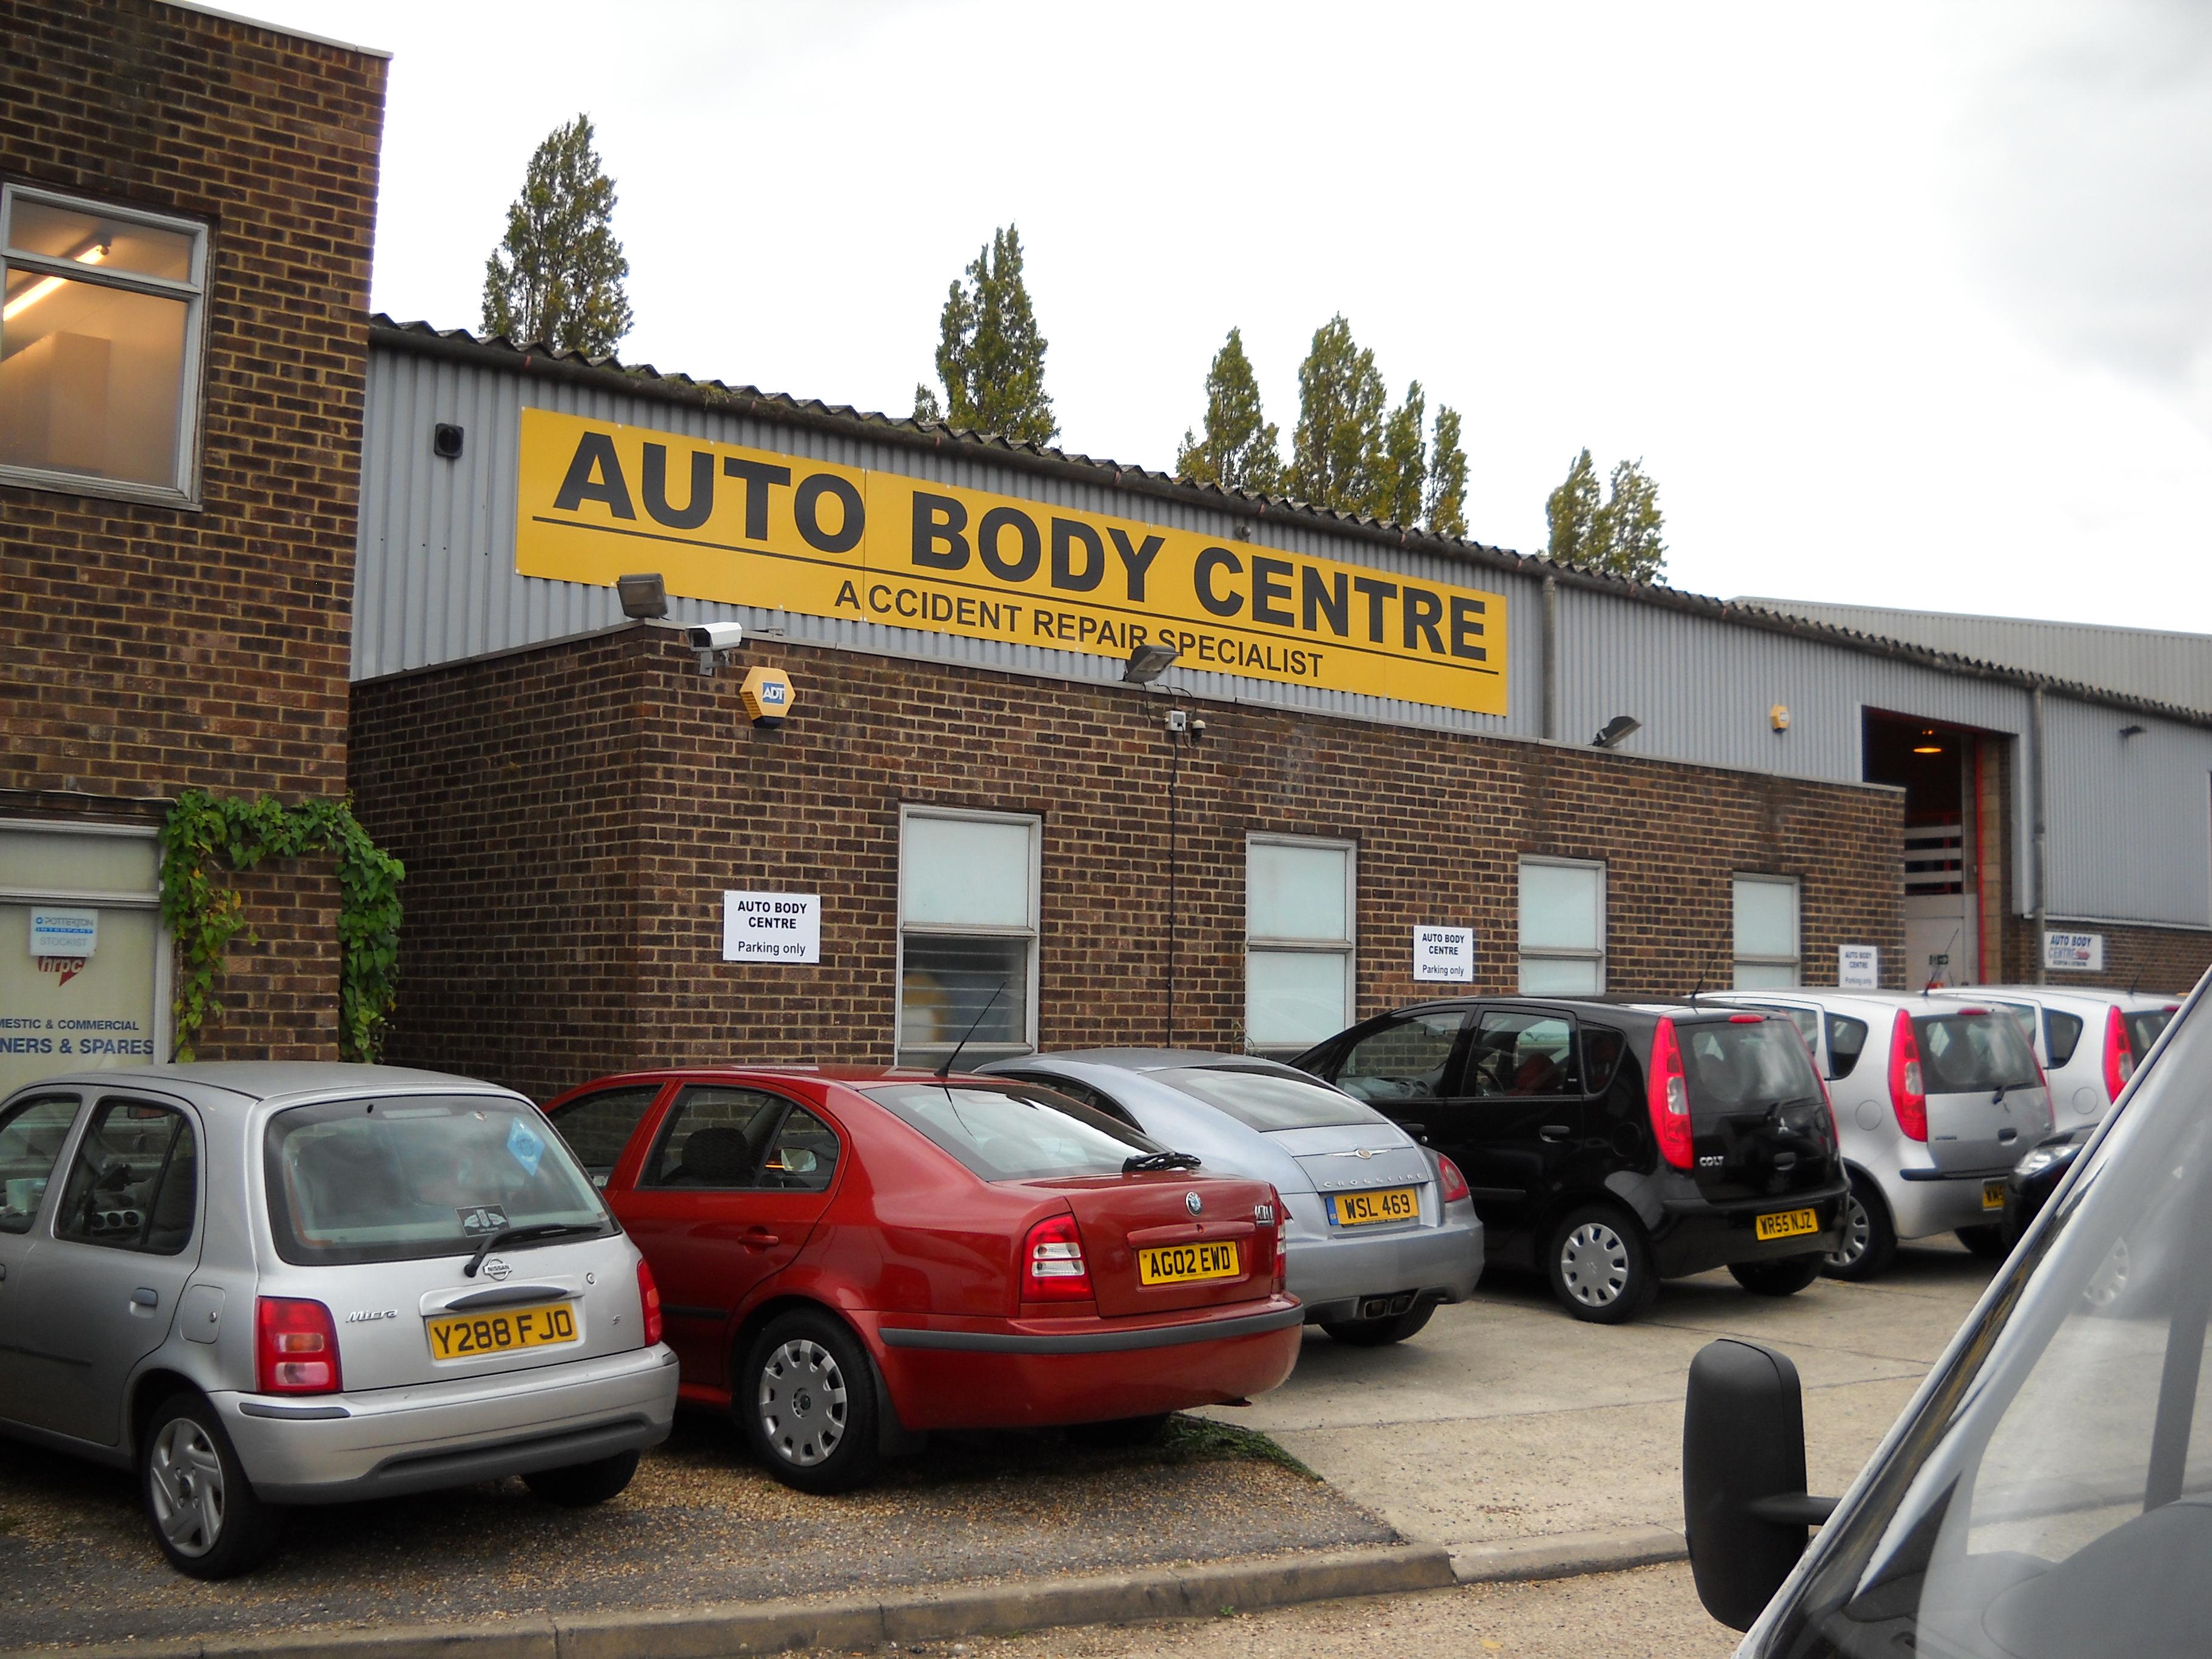 Large building sign - Brentford